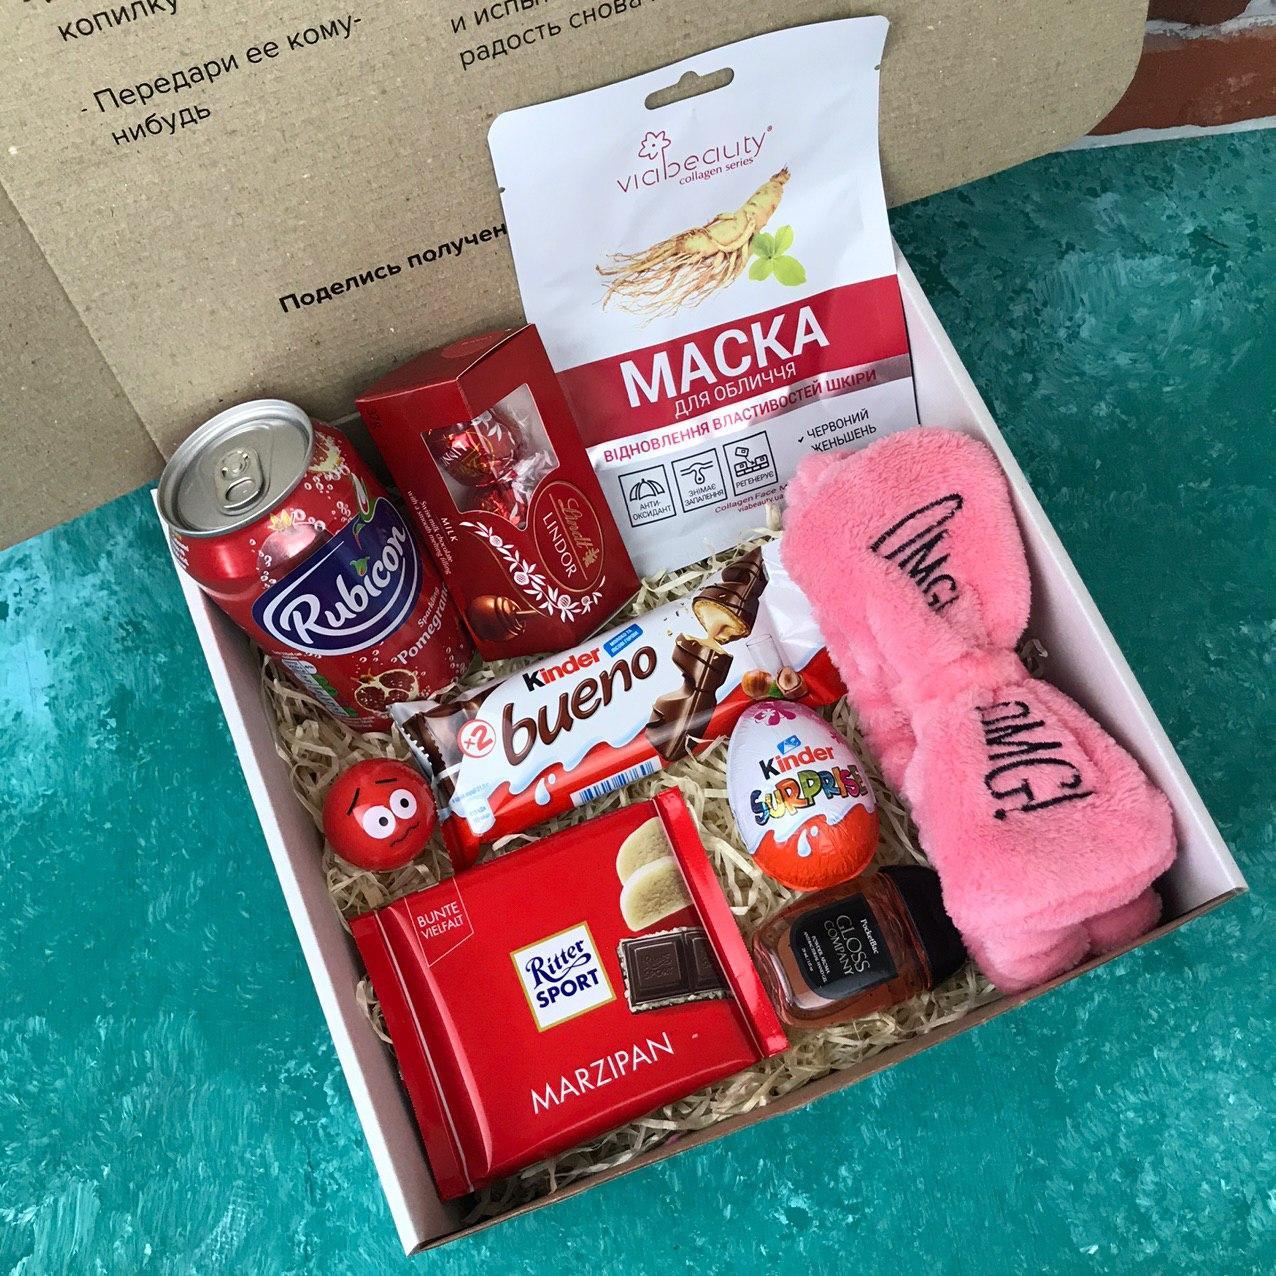 Подарочный Набор City-A Box Бокс для Женщины Сладкий Sweet Бьюти Beauty Box из 9 ед №2863